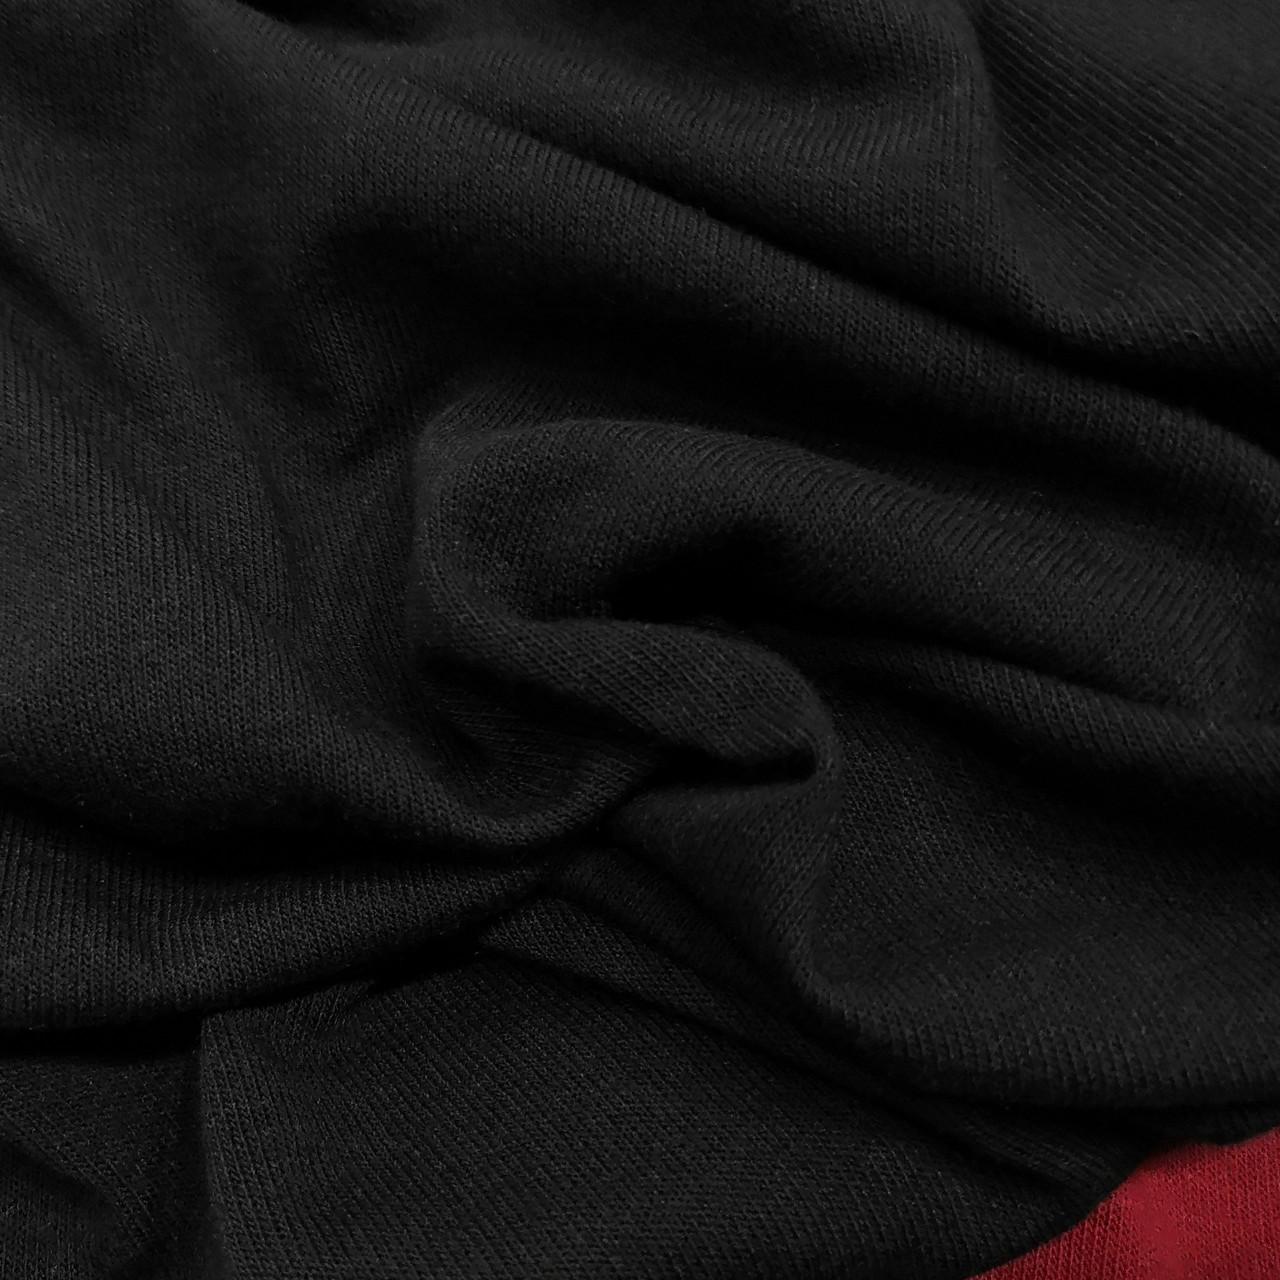 Трикотаж ангора тонкая черная